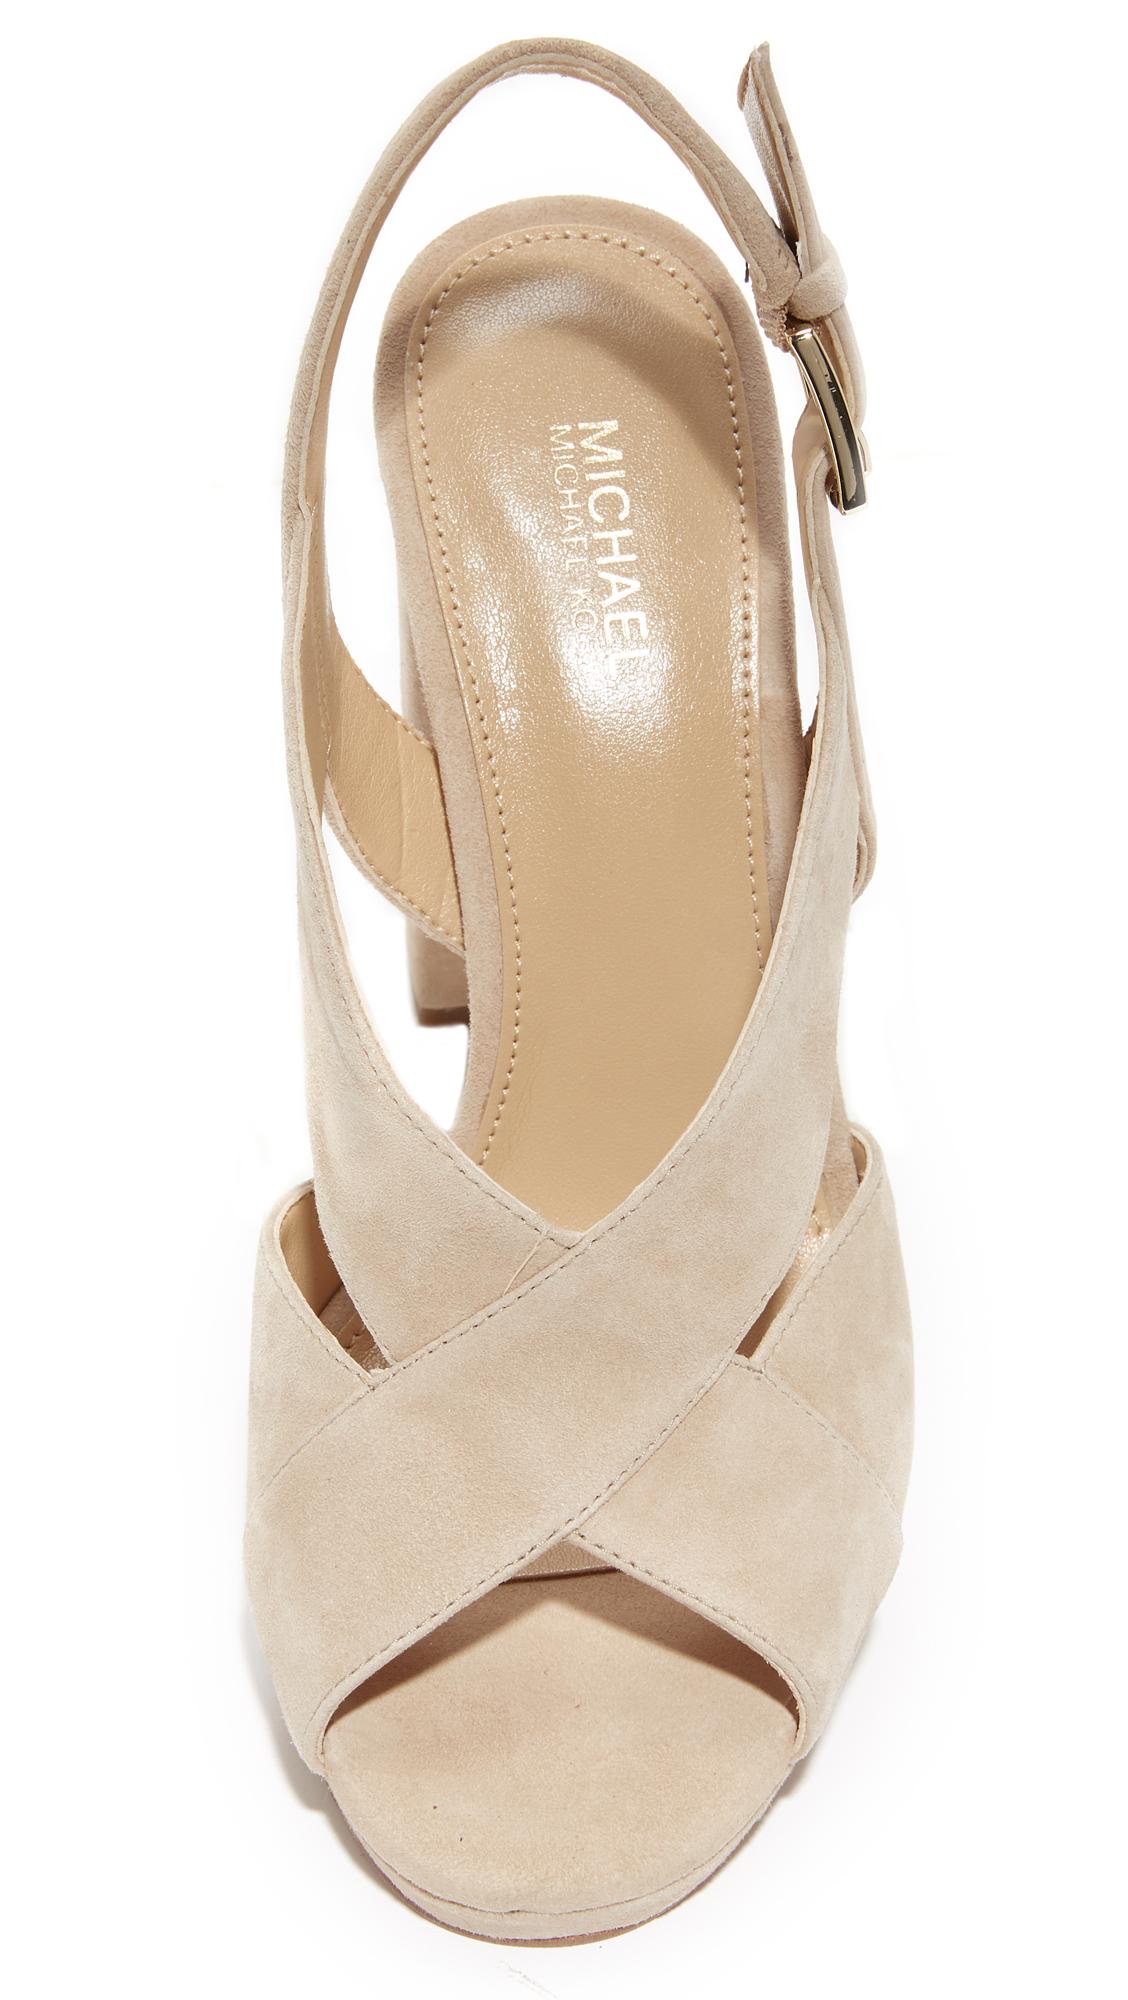 e1ee8ae0d2a4 Michael Michael Kors Becky Platform Womens Platform Sandals Sand 10 US   8  UK e